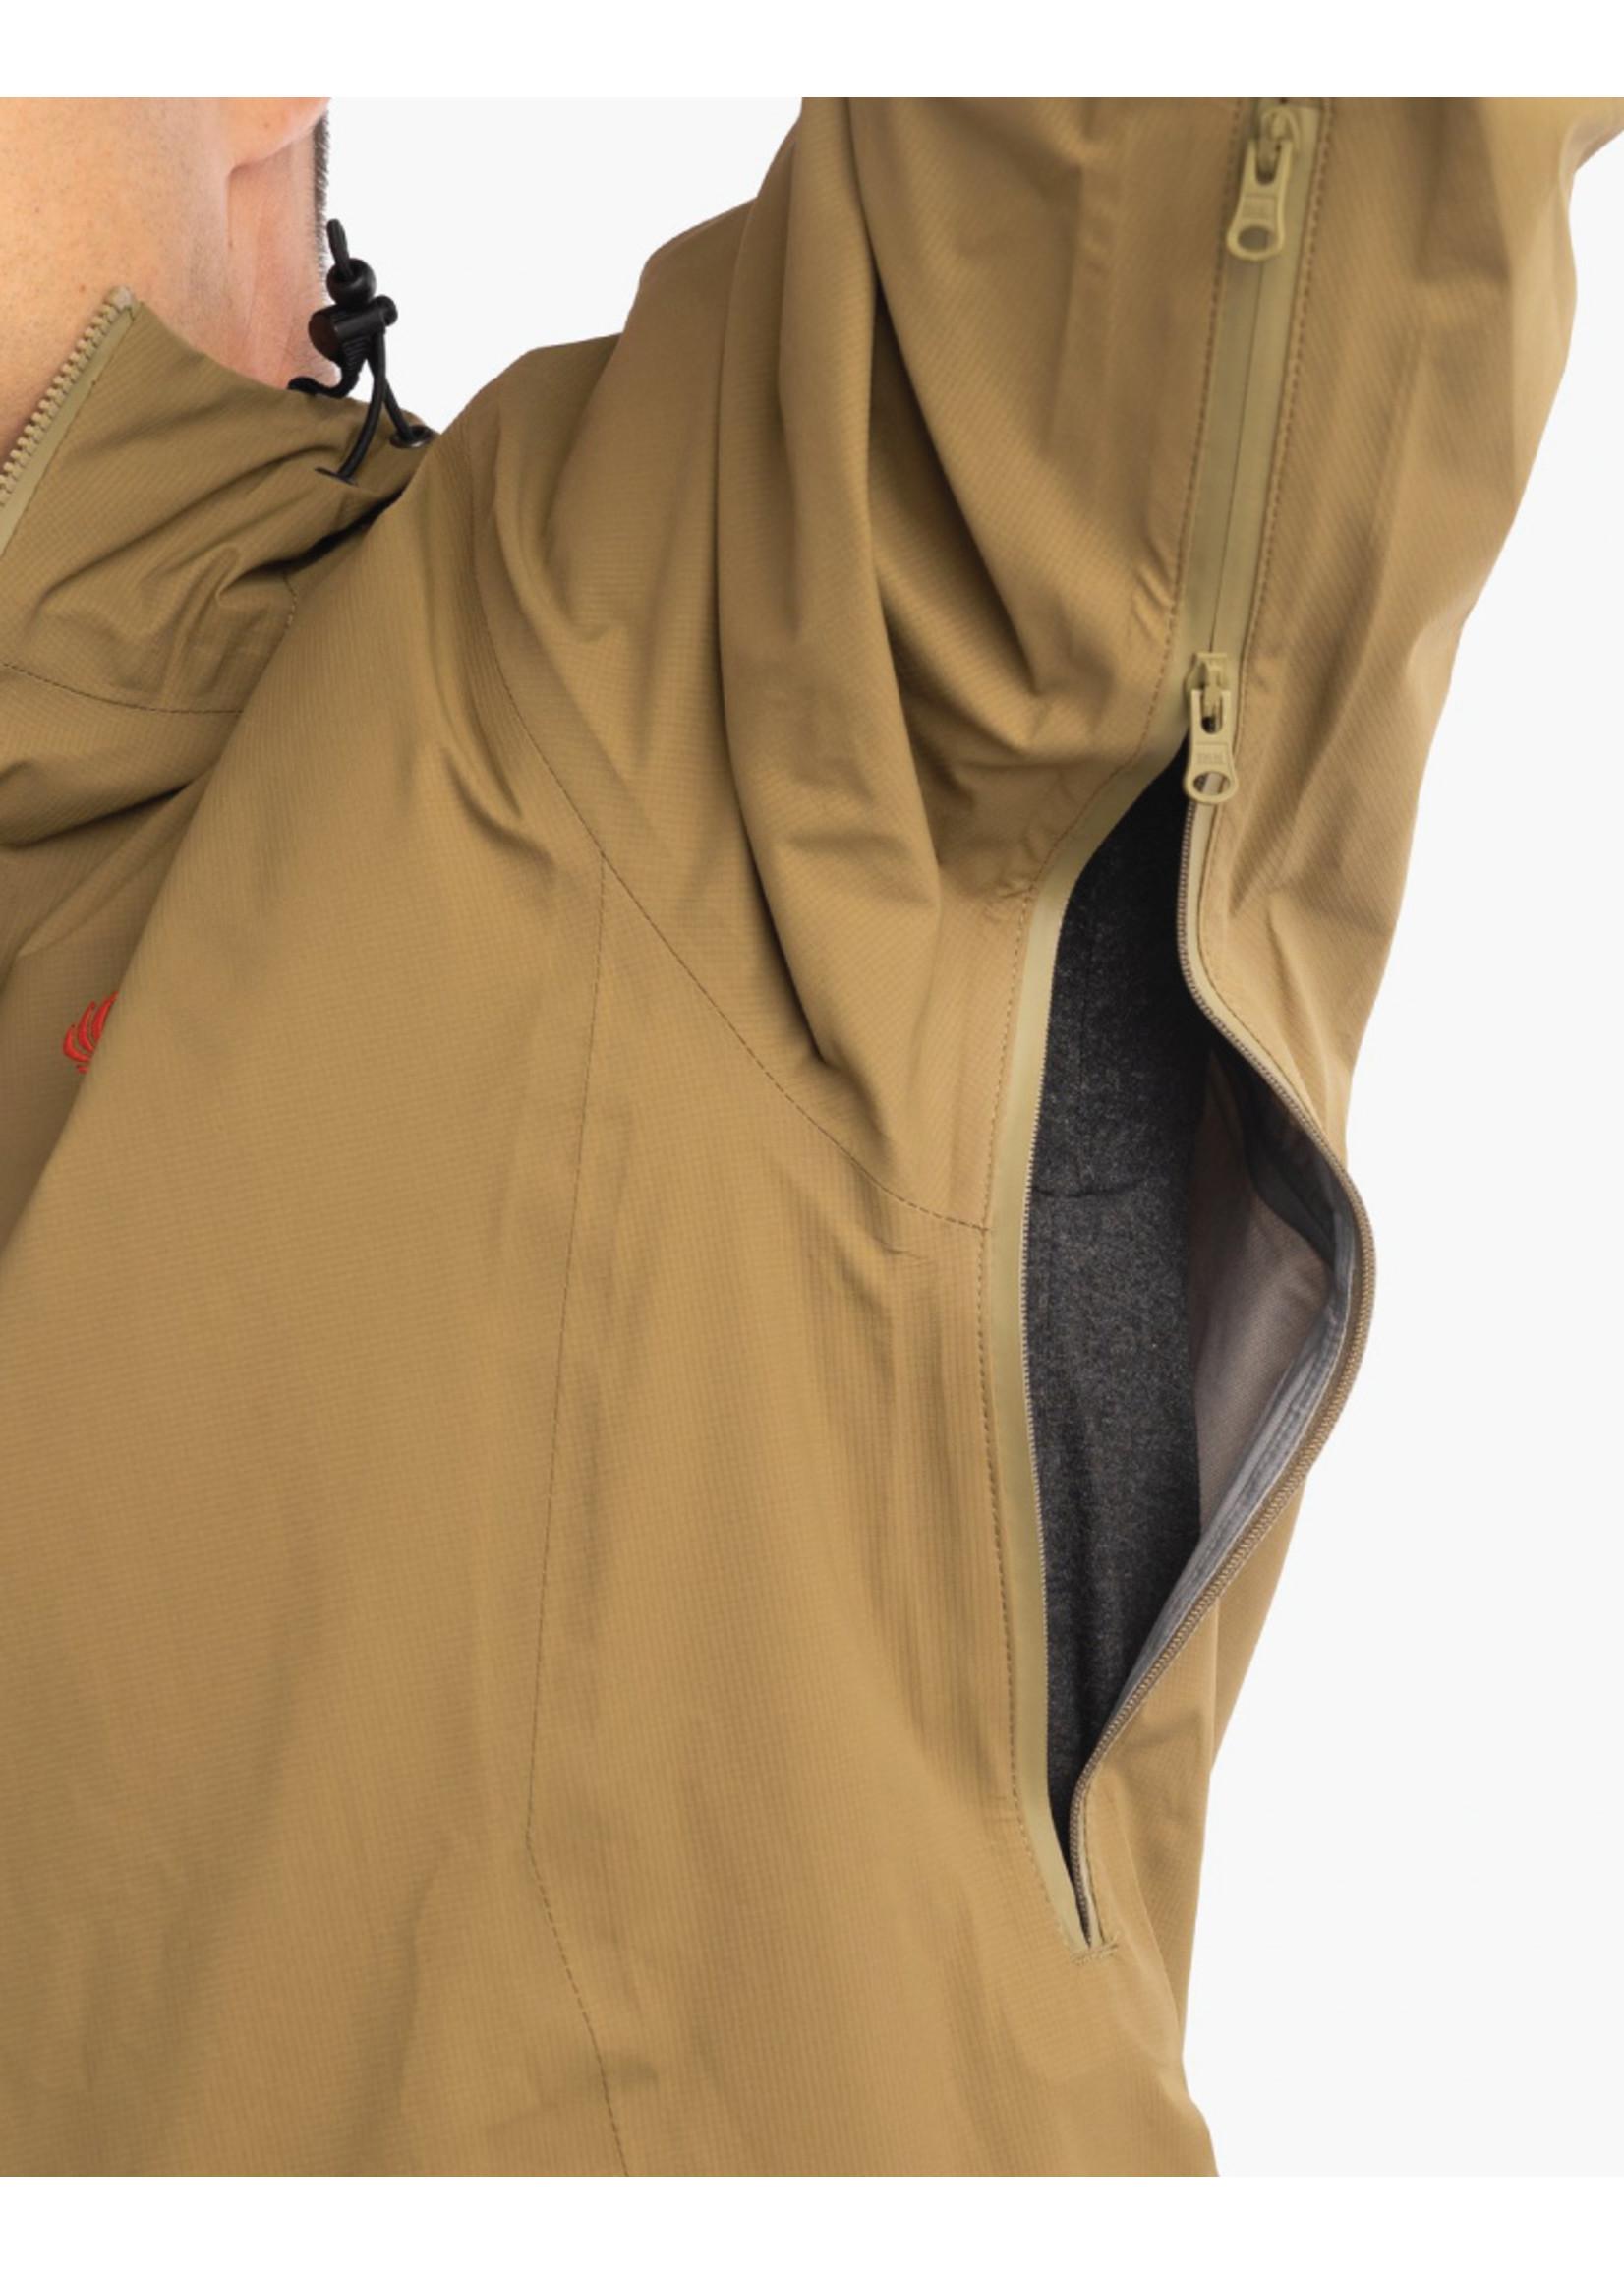 Duck Camp 3L Ultralight Rain Jacket